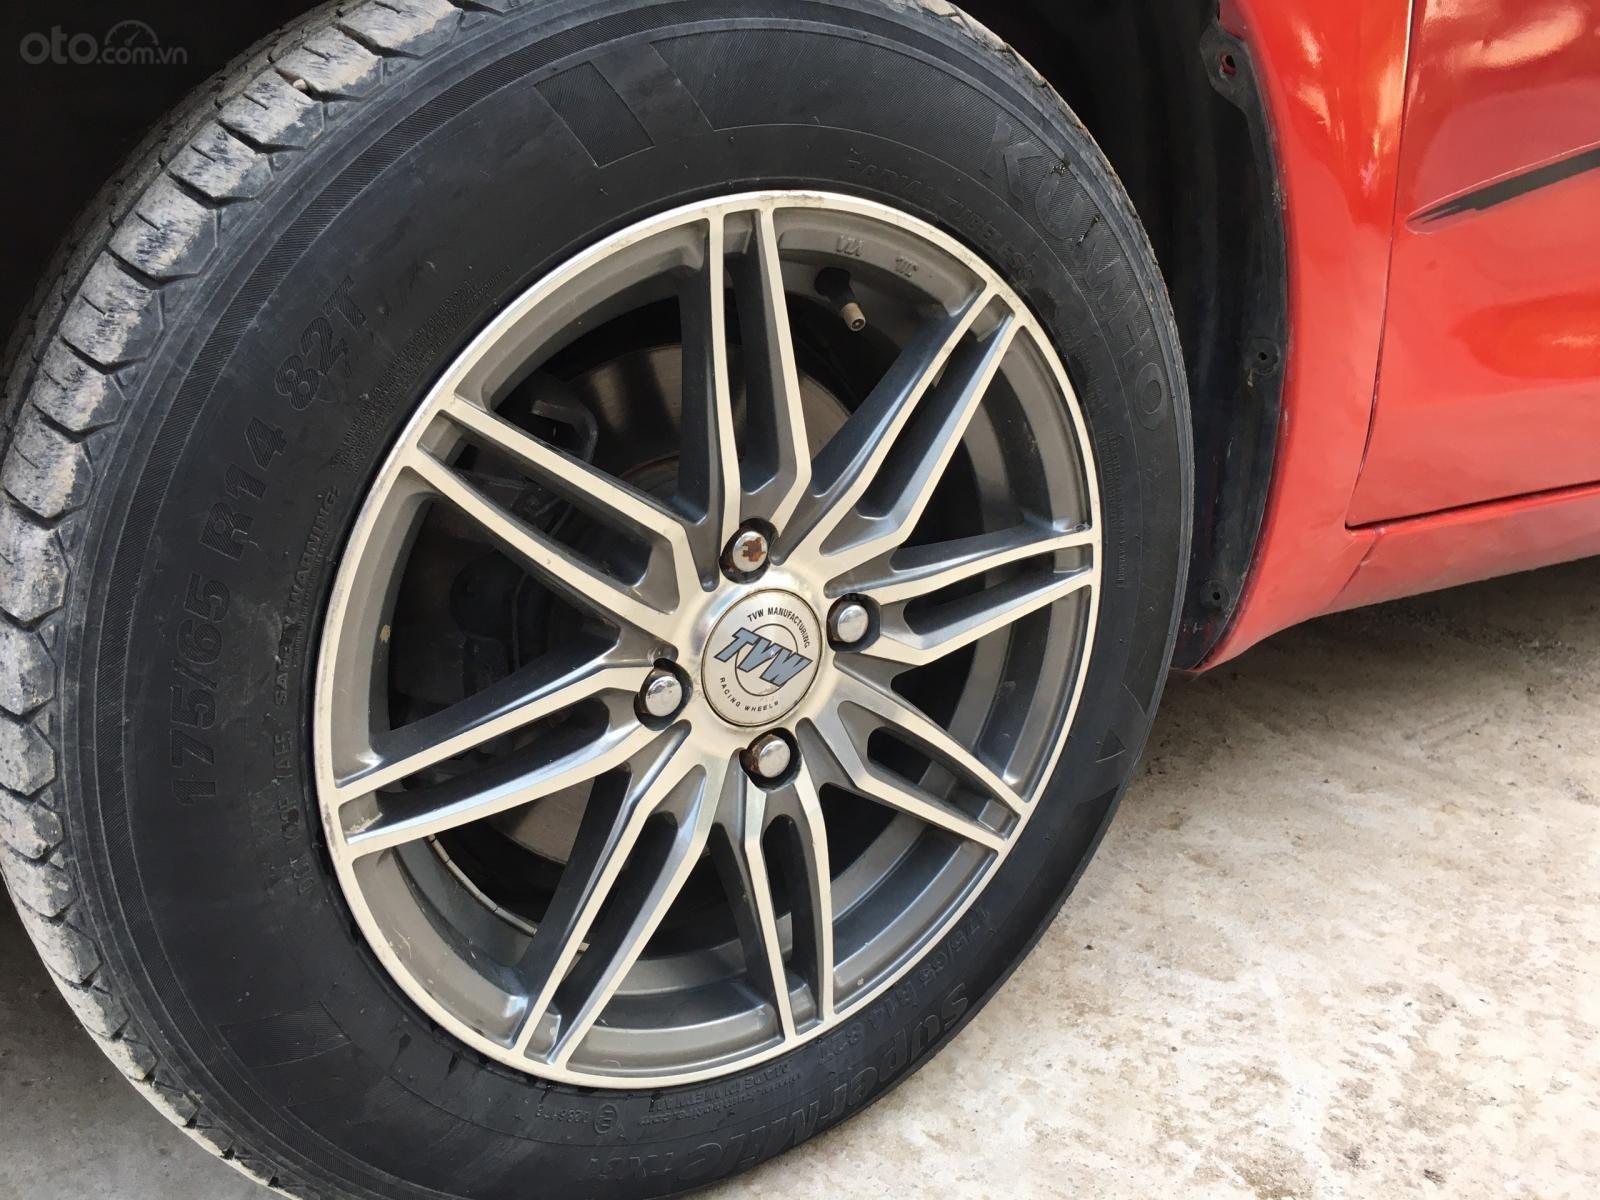 Bán ô tô Toyota Yaris sản xuất 2007, màu đỏ, nhập pháp giá 245 triệu đồng (8)